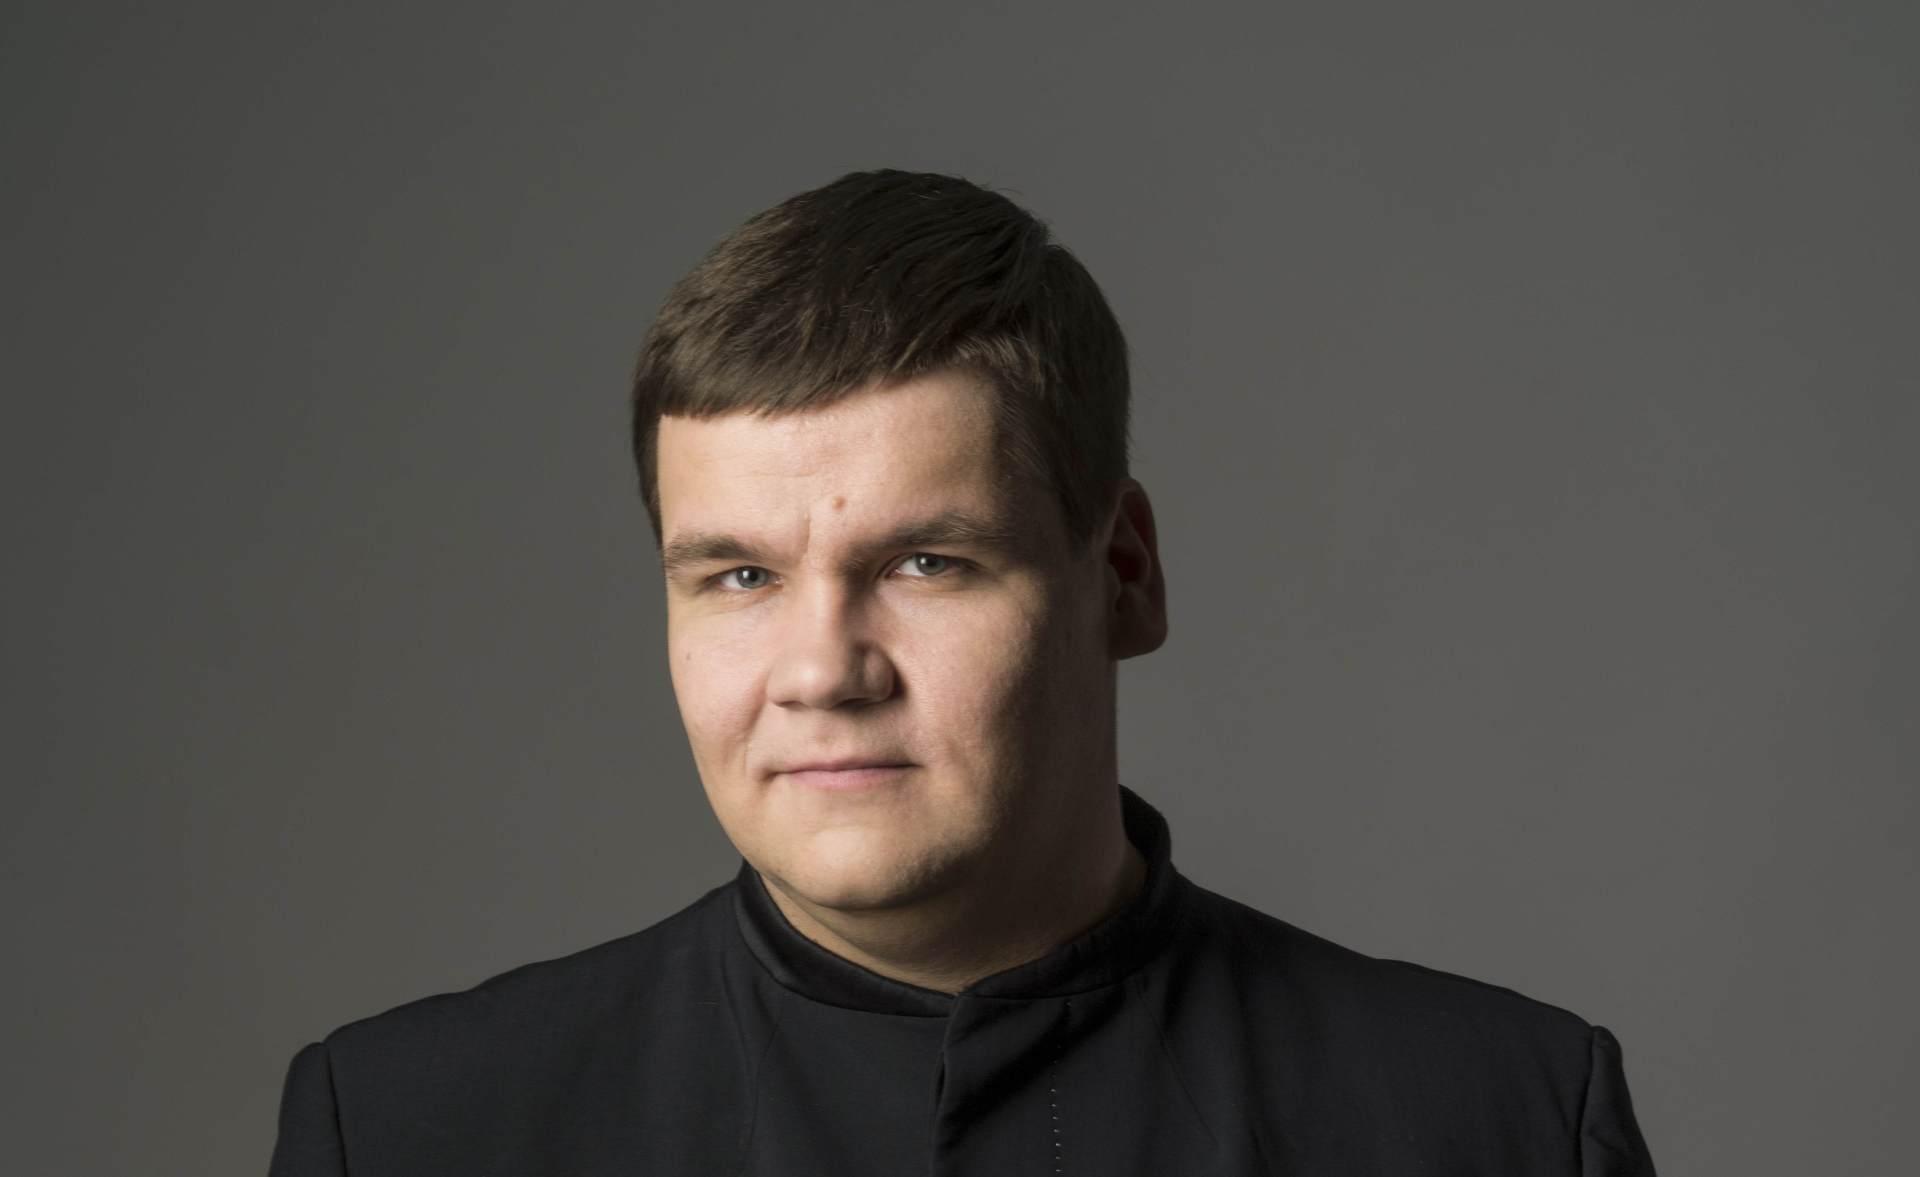 Andris Poga (Conductor)